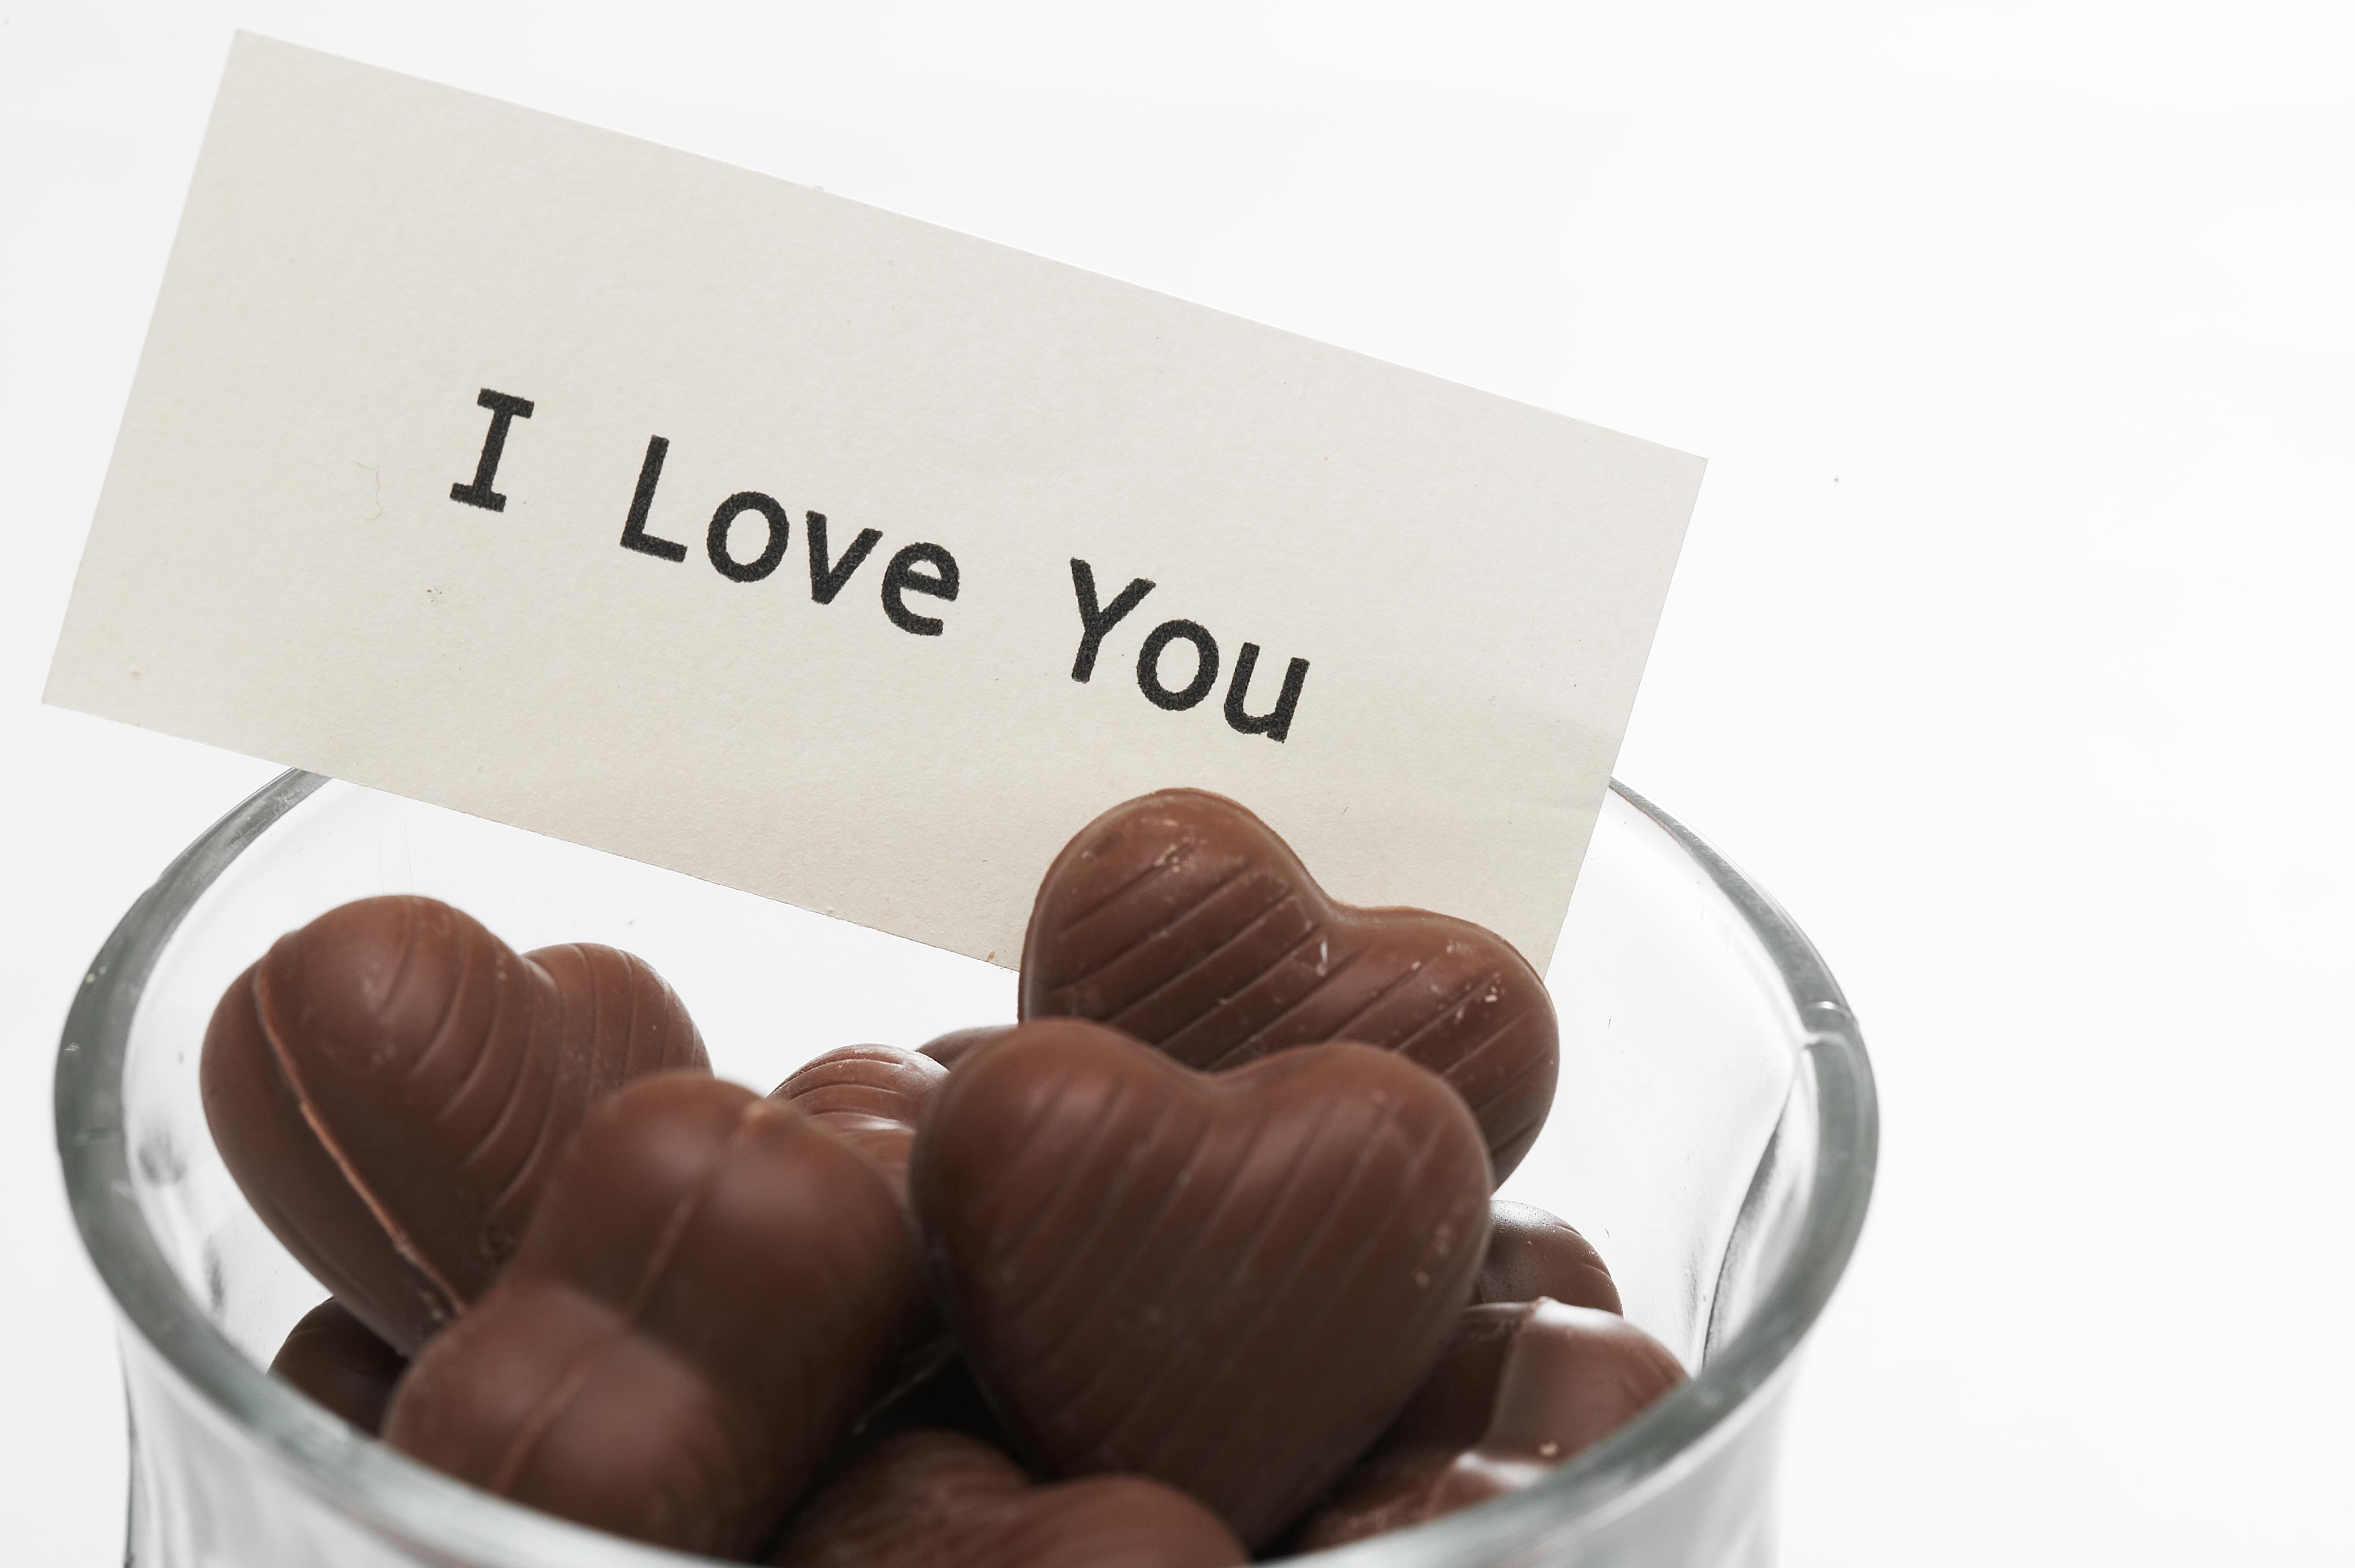 2월 14일, 발렌타인데이 유래 그리고 우리가 잊어서는 안될 것